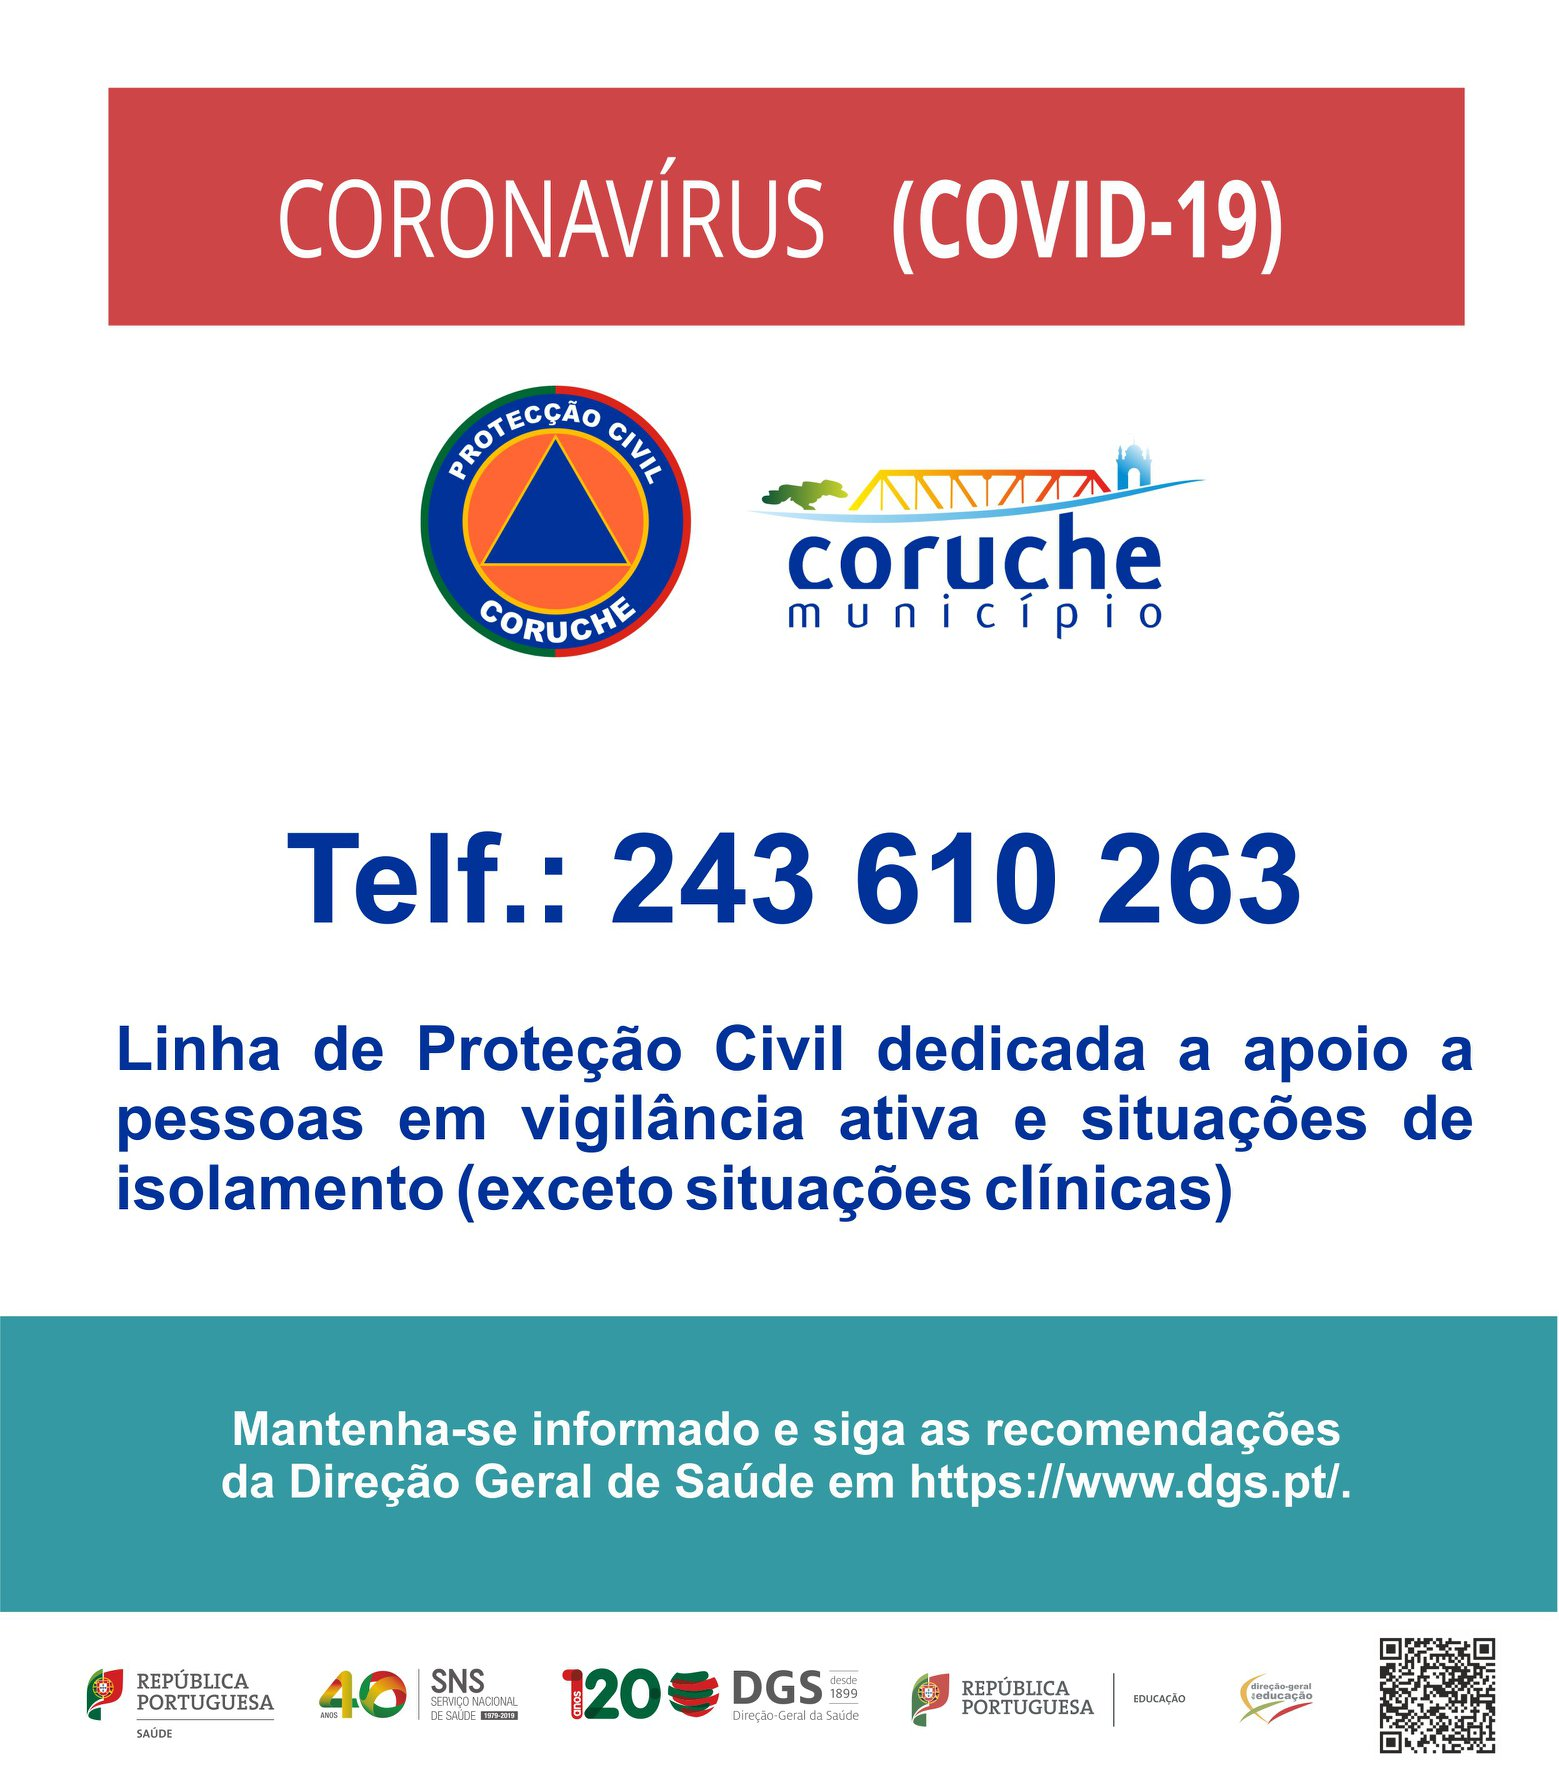 CORONAVÍRUS(COVID – 19) – Linha da Proteção Civil  Município de Coruche